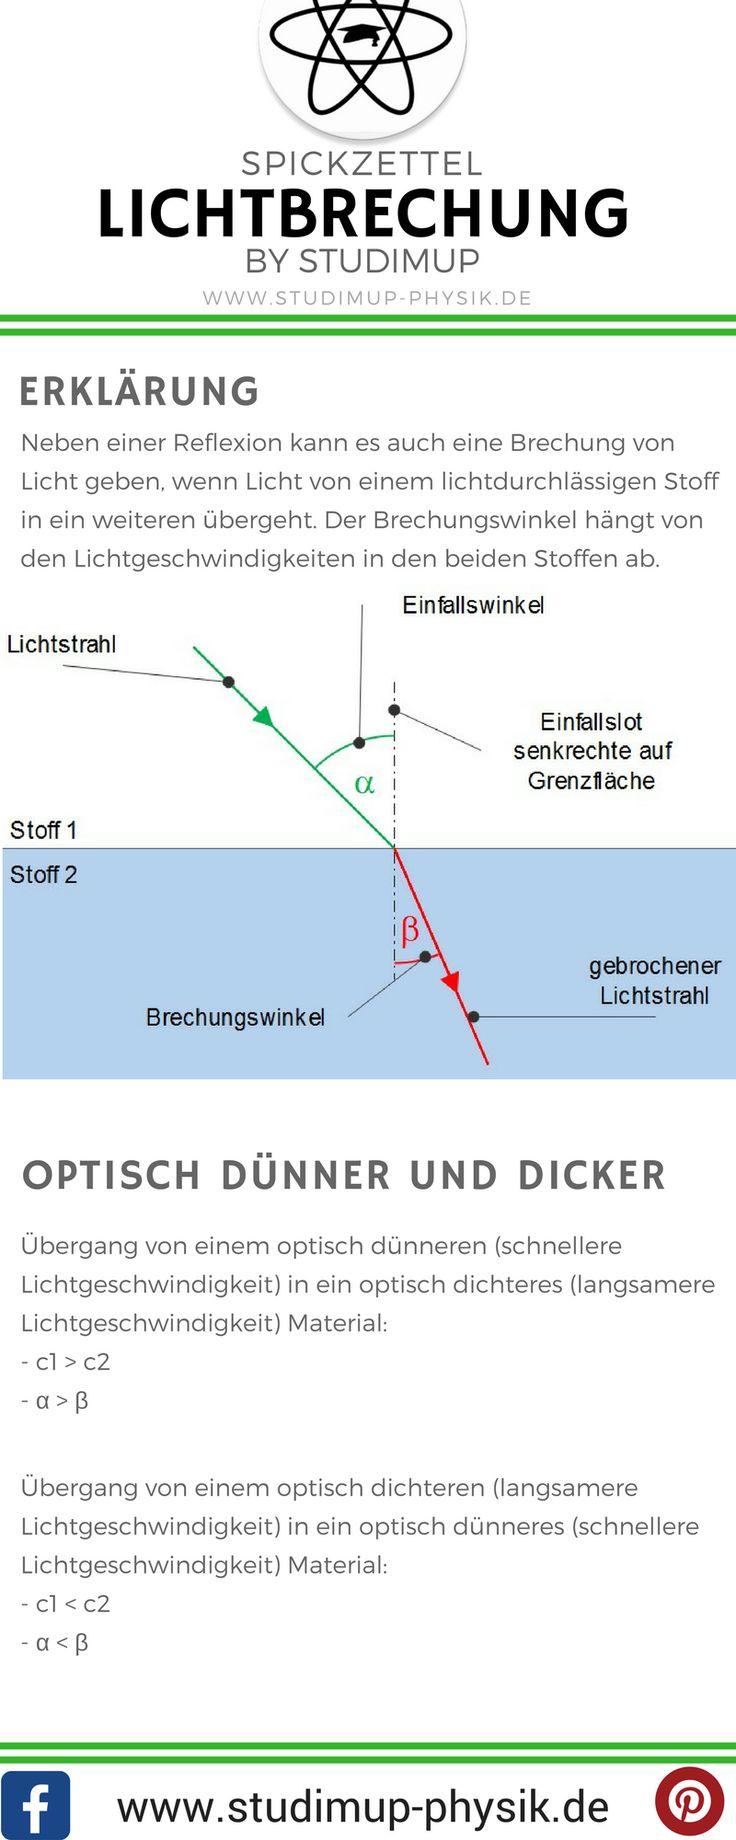 Brechung von Licht im Spickzettel übersichtlich zusammengefasst. Physik einfach erklärt auf Studimup.